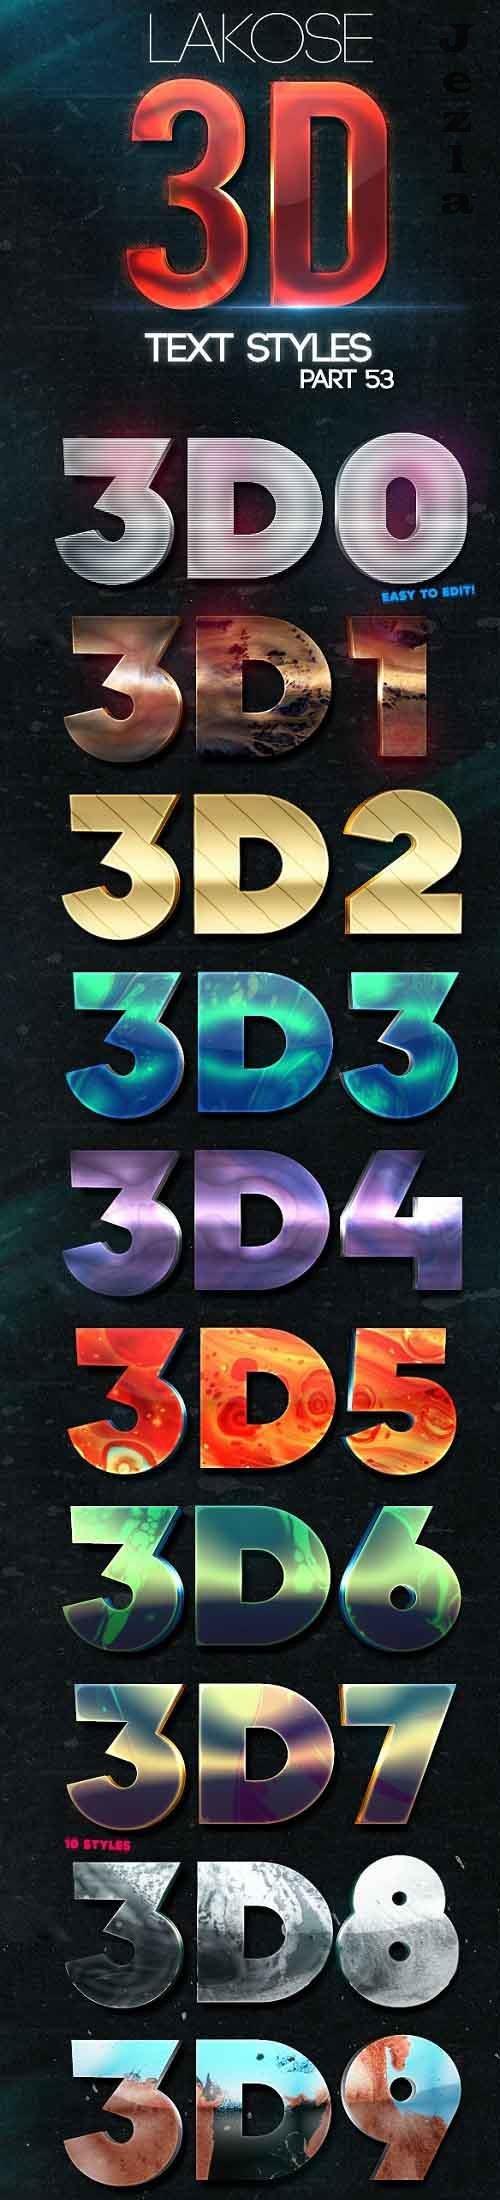 Lakose 3D Text Styles Part 53 27610685